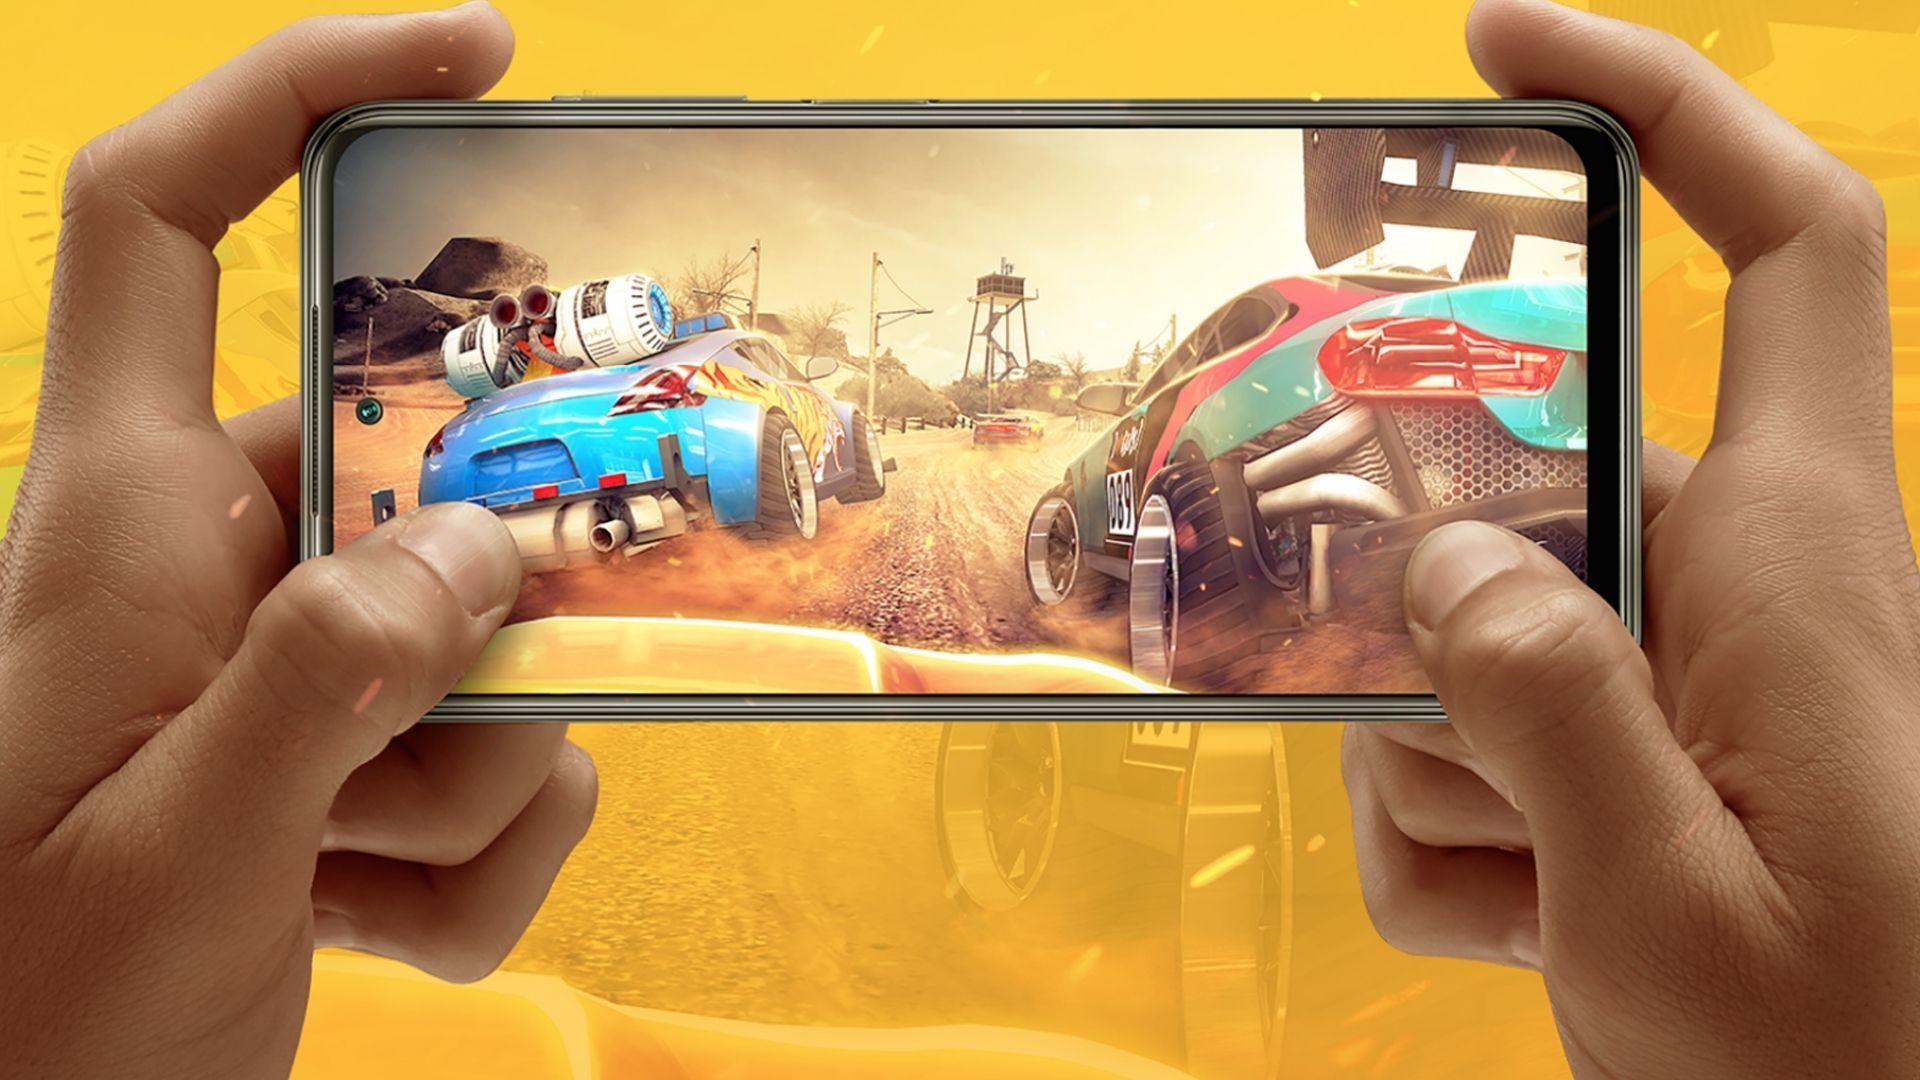 O POCO M3 Pro 5G possui tela com taxa de atualização adaptativa. (Foto: Divulgação/Xiaomi)